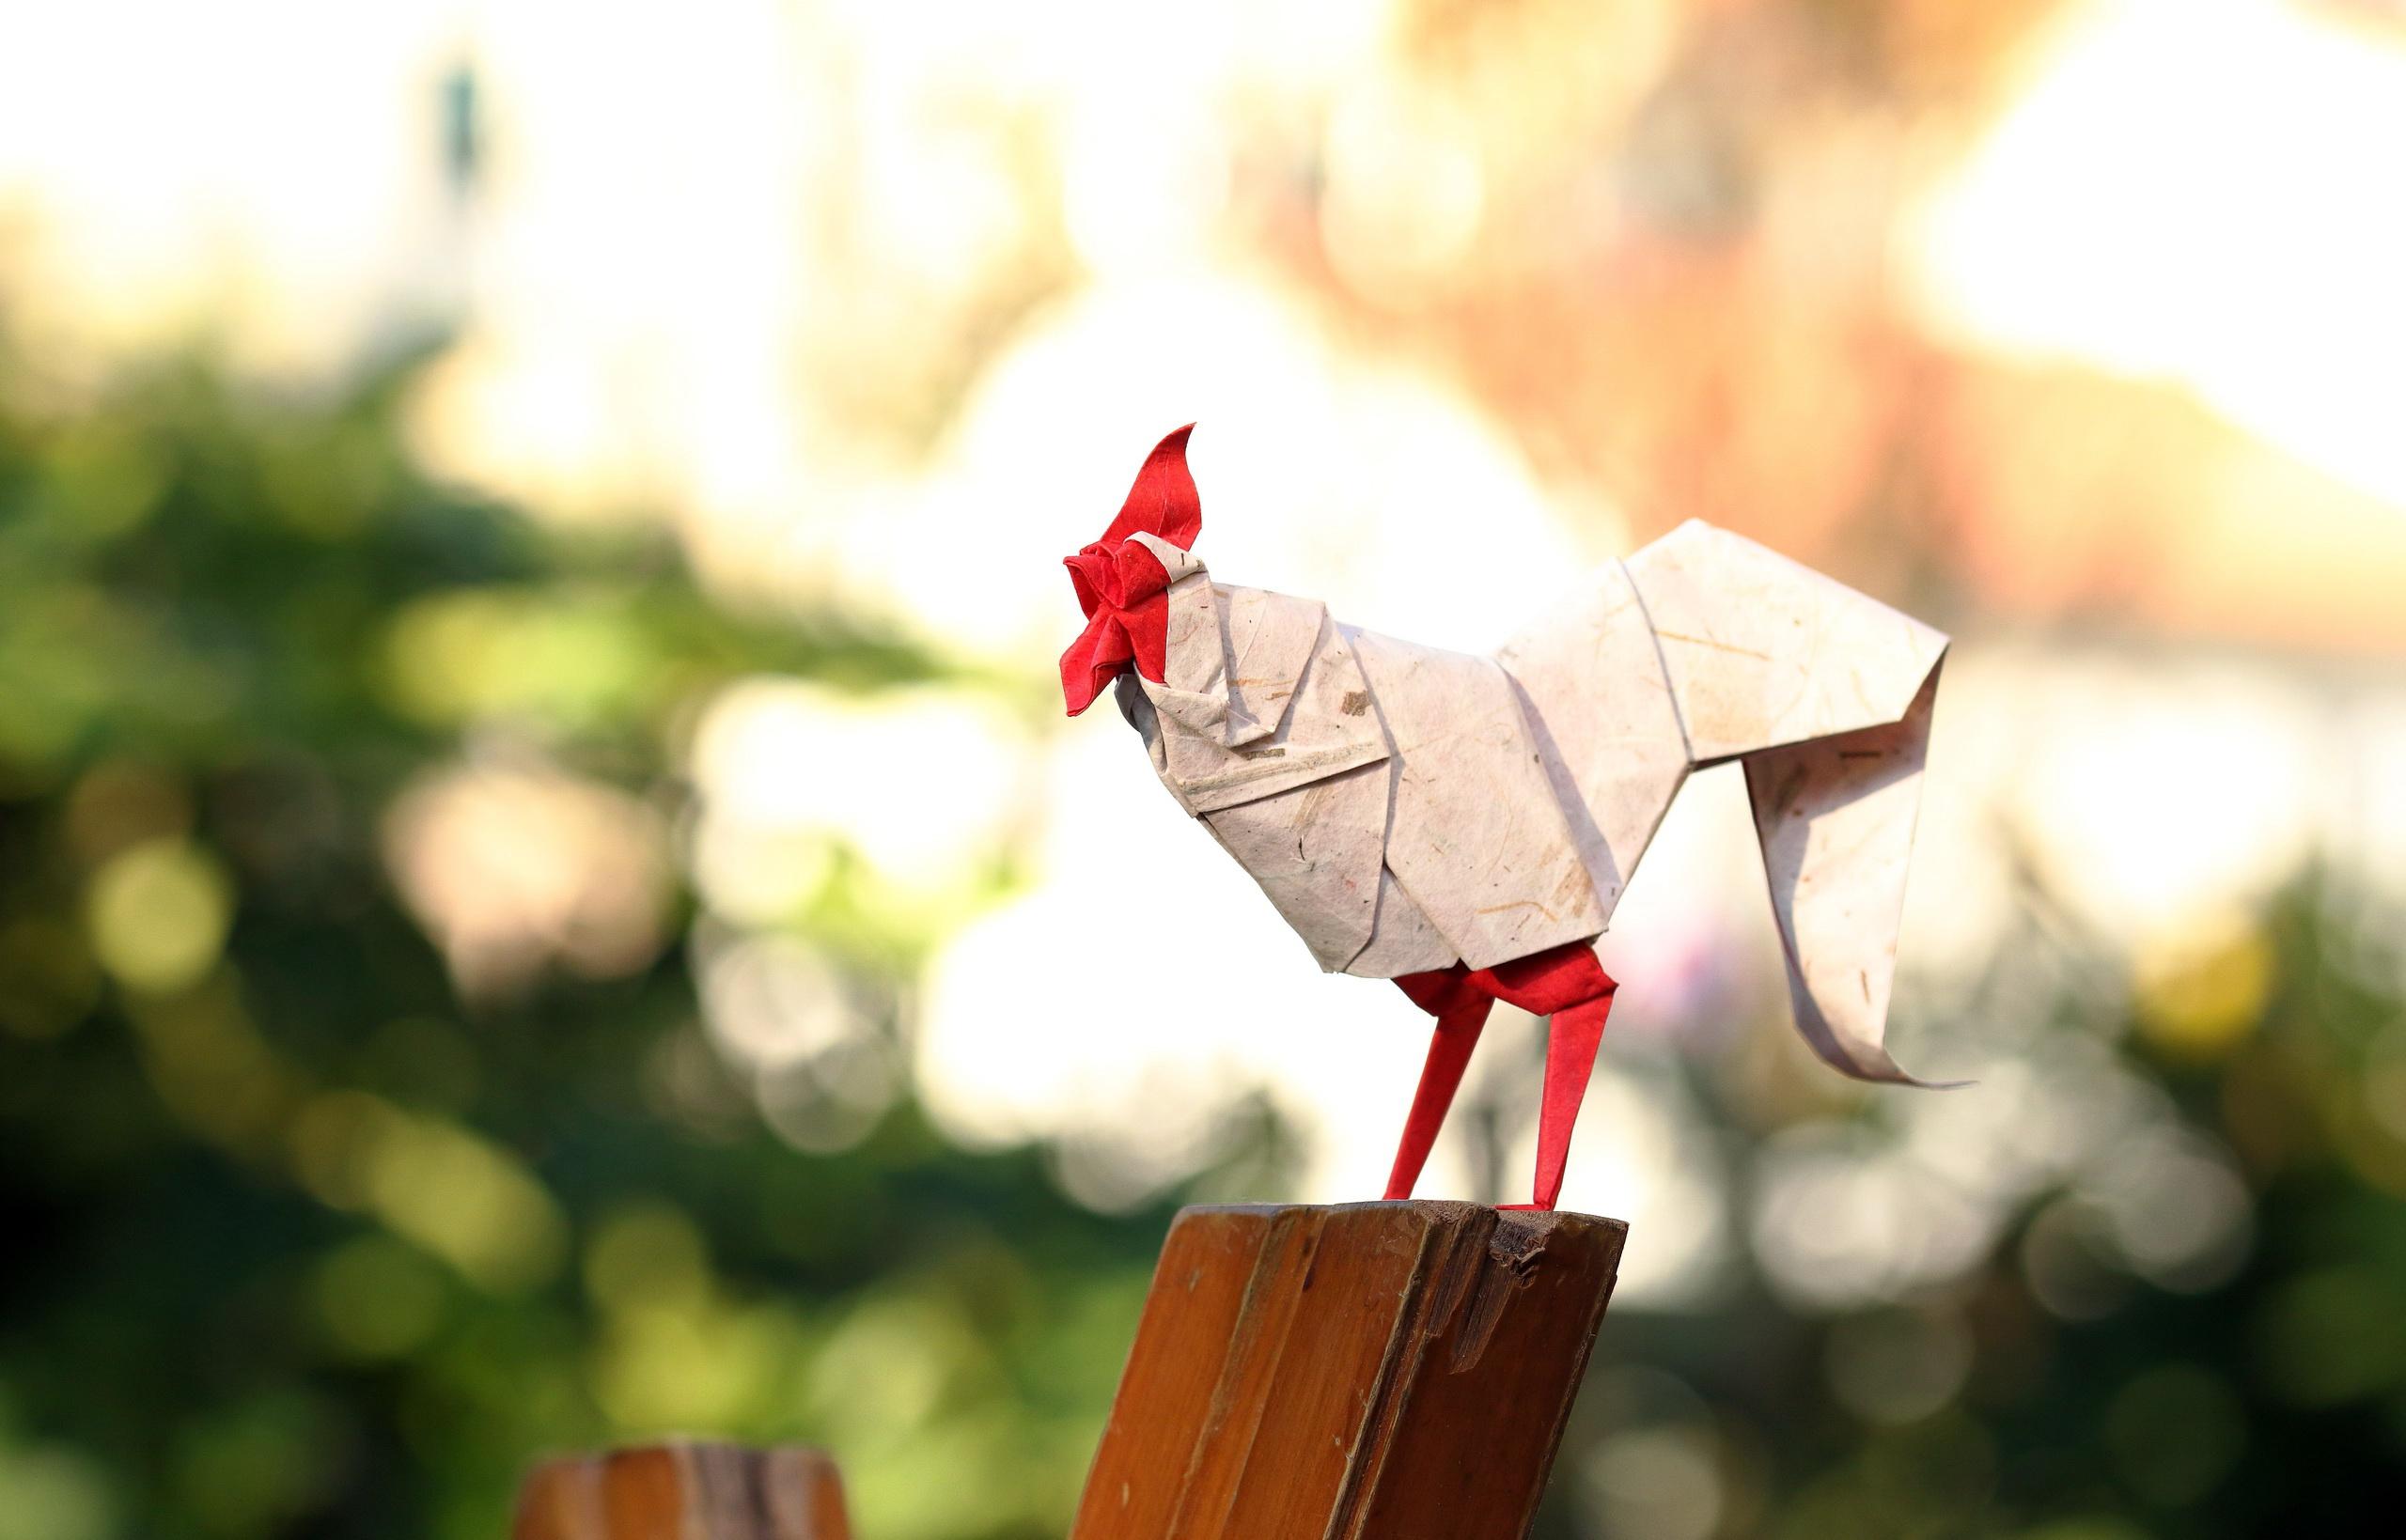 Обои для рабочего стола Петух Оригами бумаге Размытый фон 2560x1639 Бумага бумаги боке